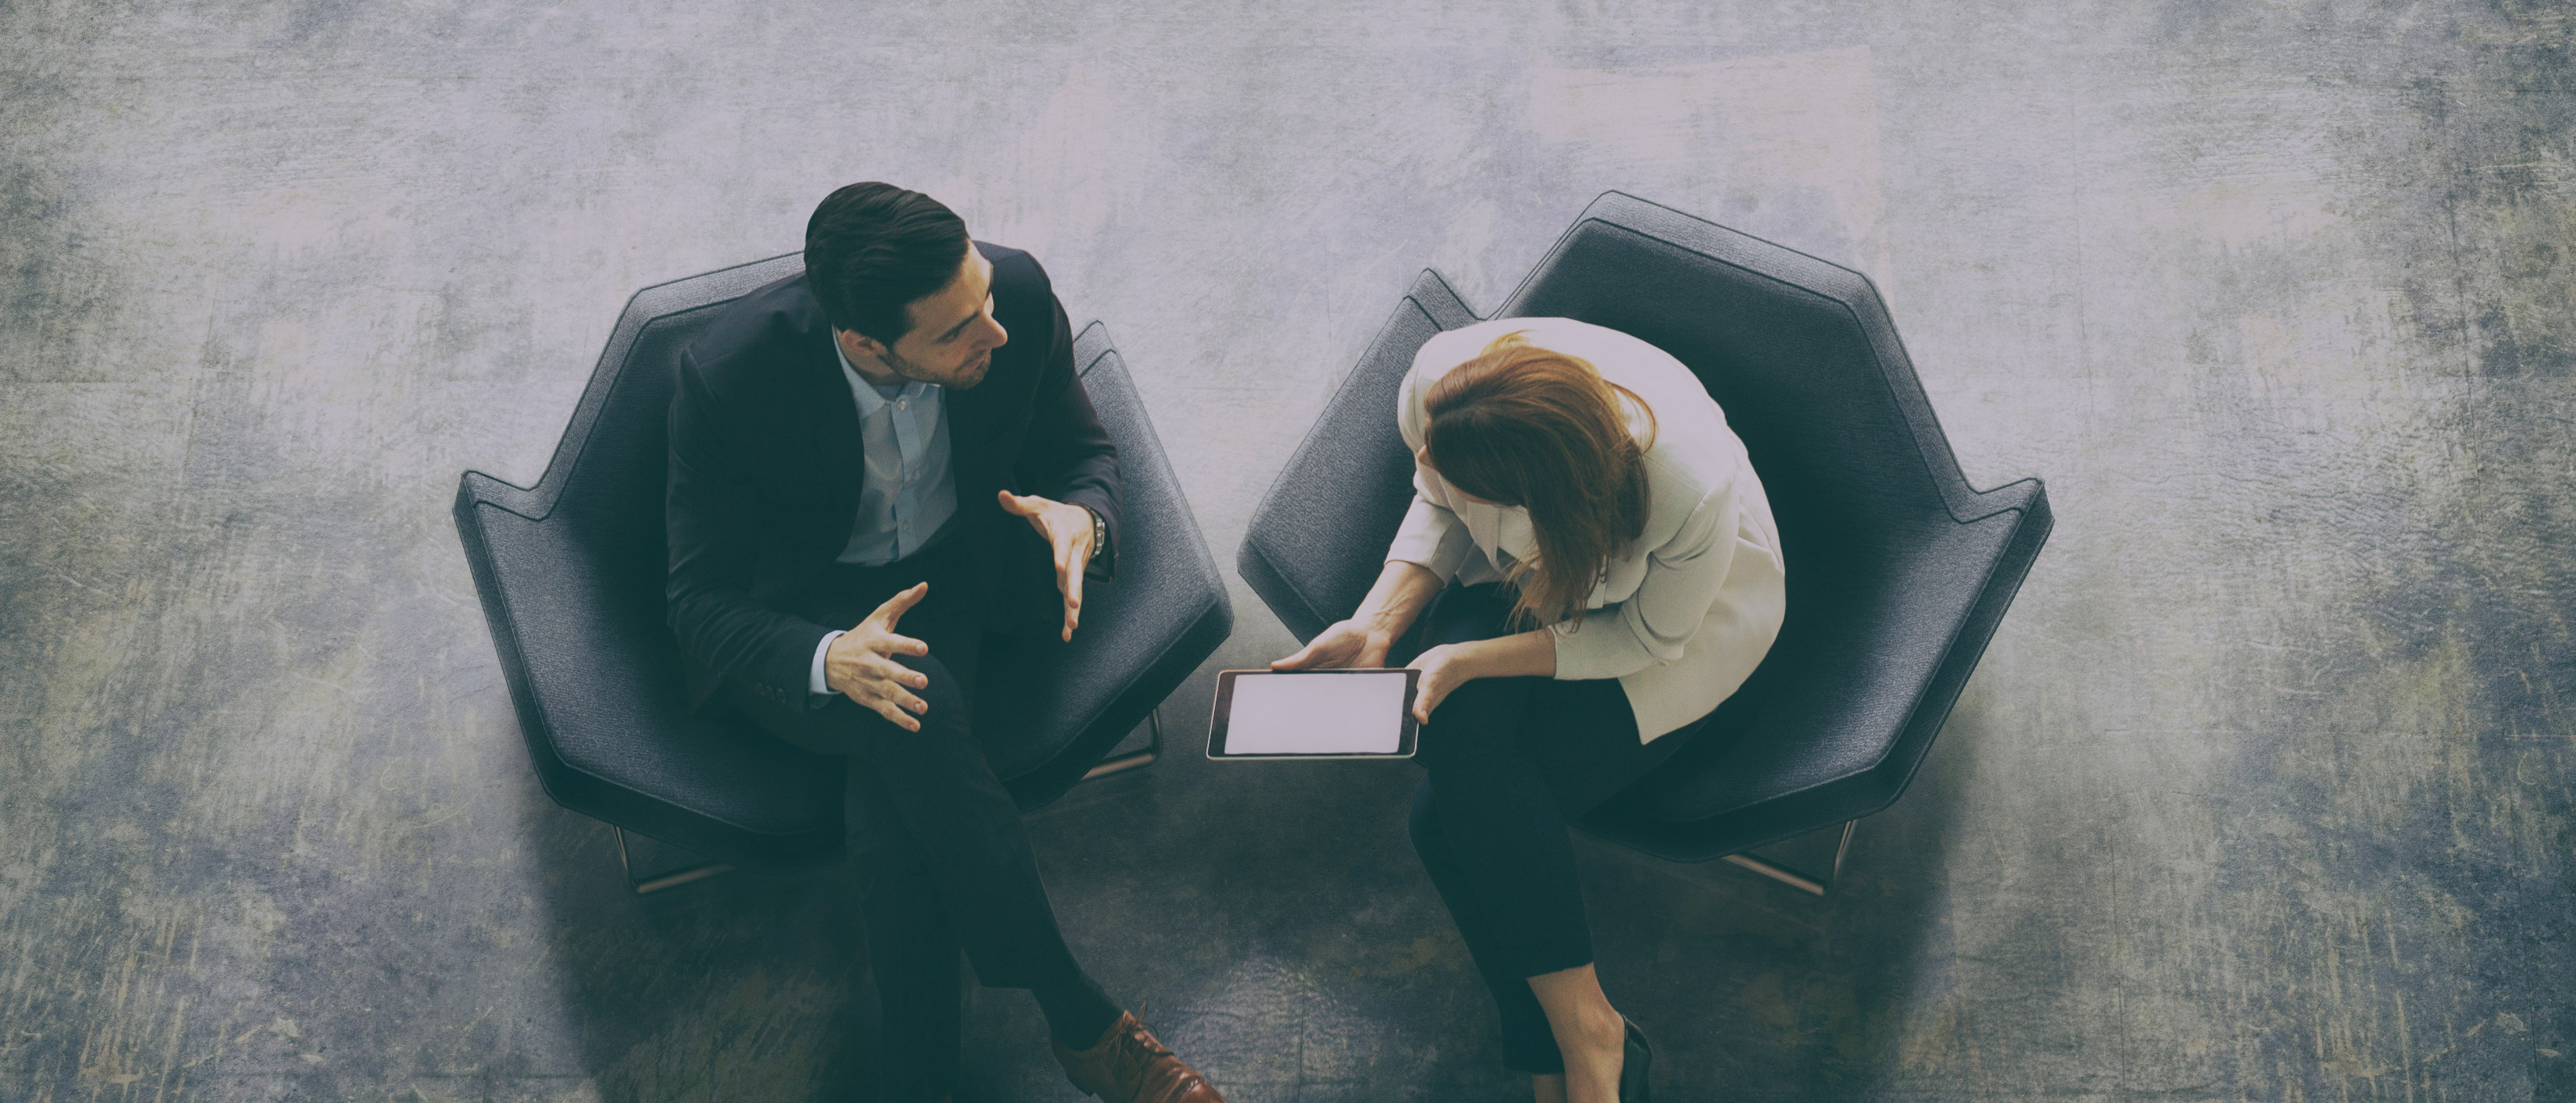 Unsere Arbeitsweise: Kommunikation und Partnerschaft